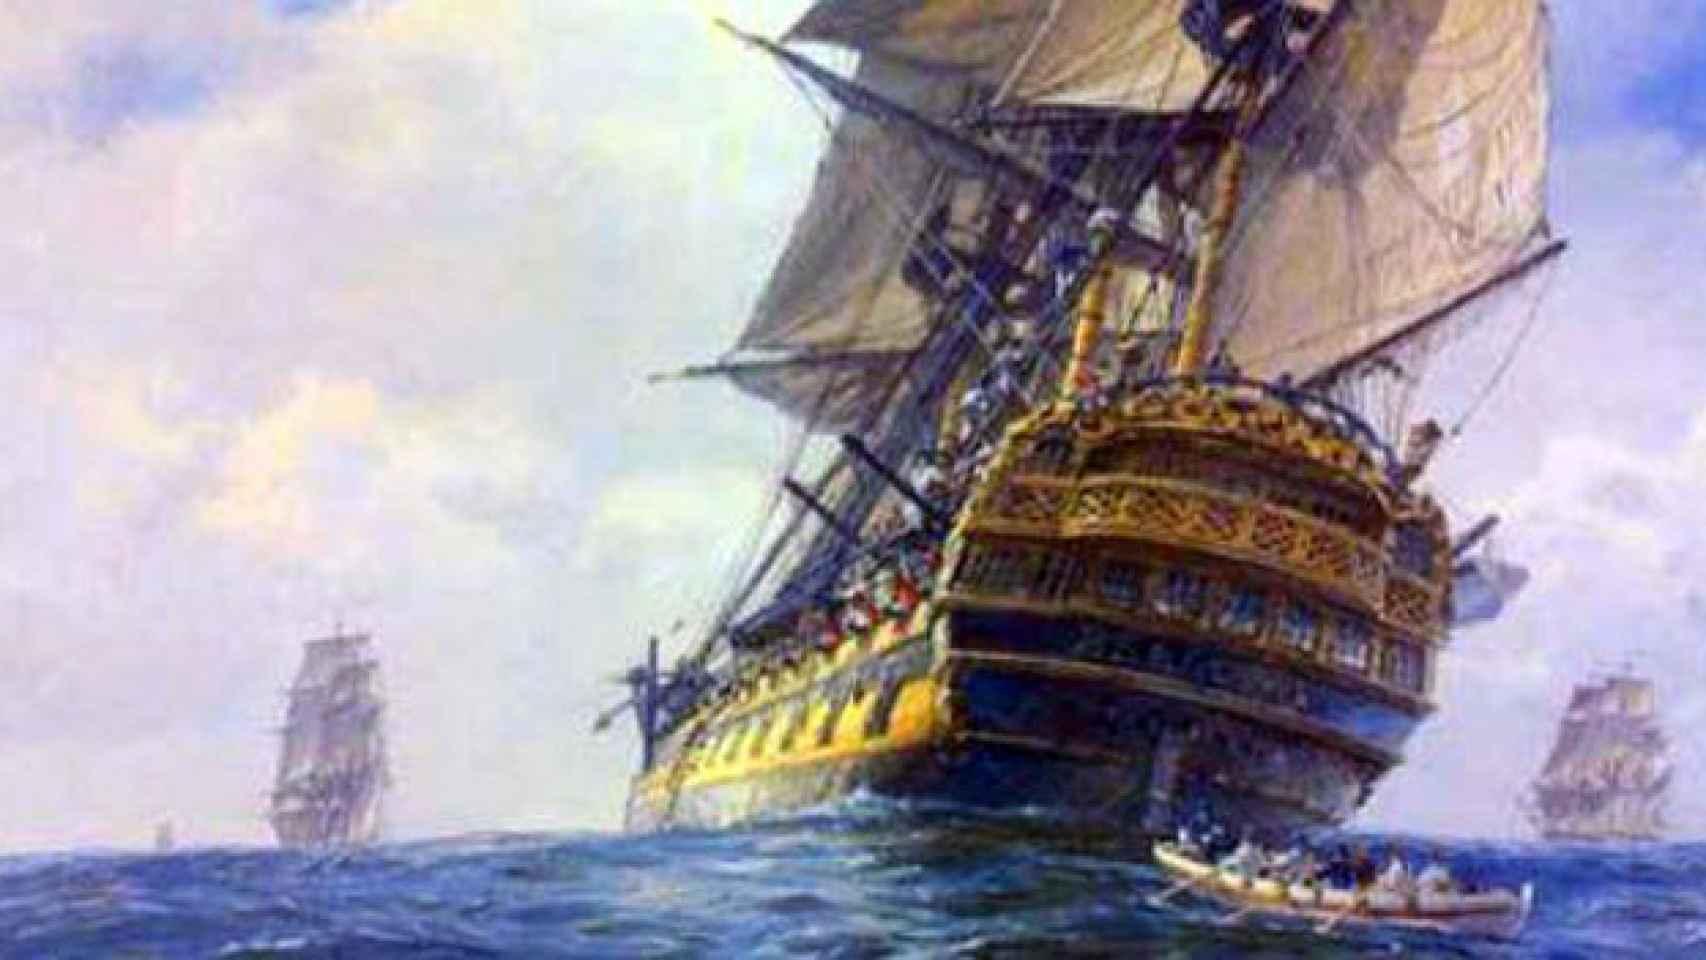 El San José, un galeón español hundido en 1708. Galeon-San-Jose_84501560_270565_1706x960